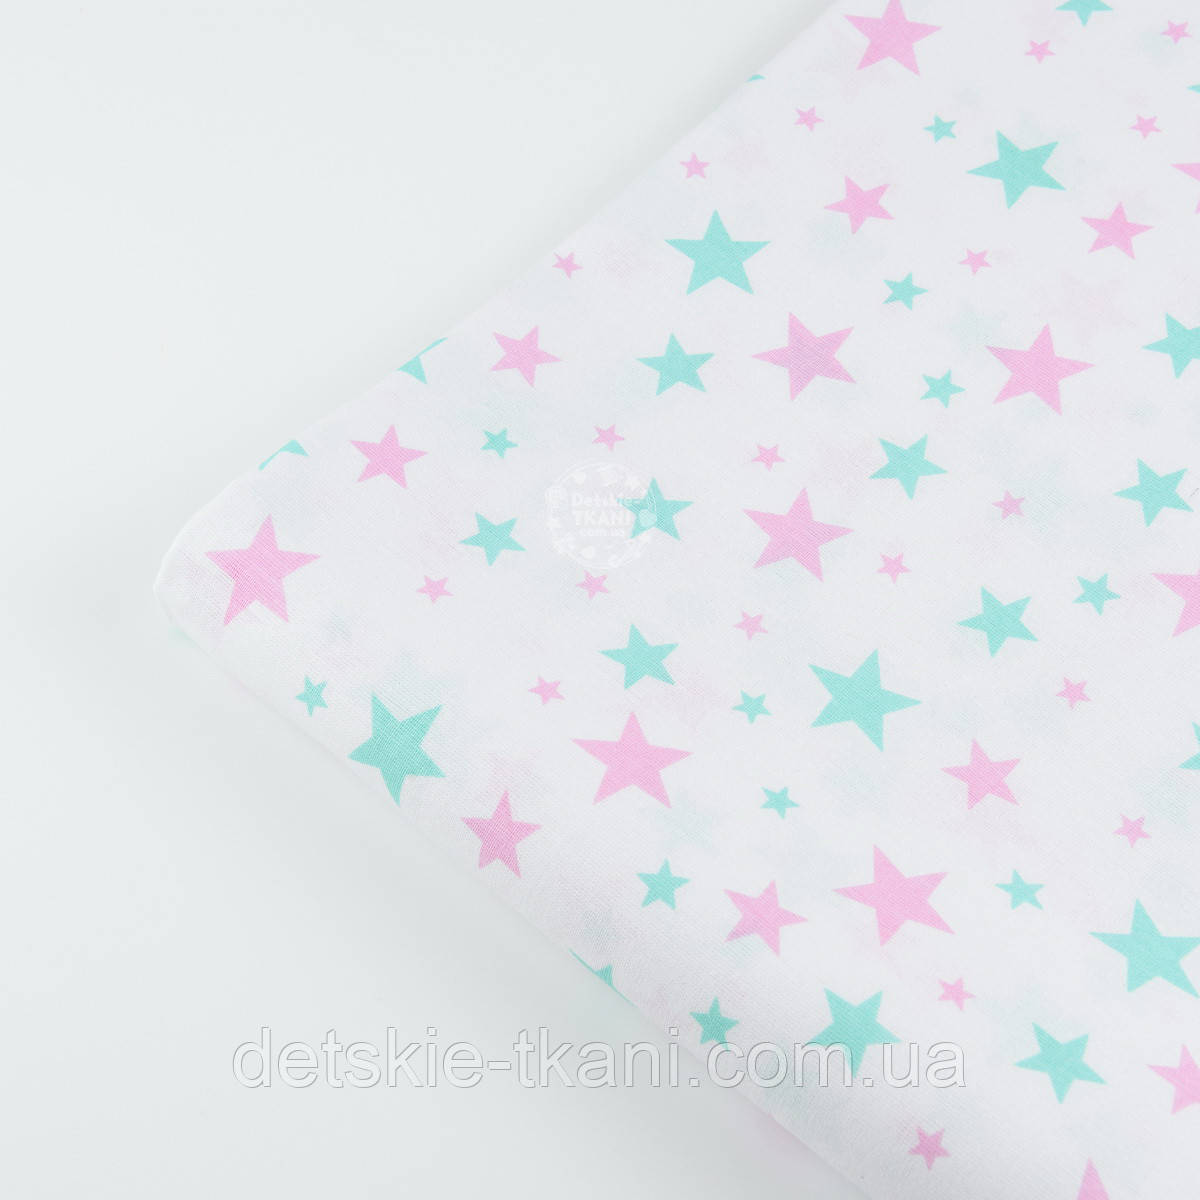 """Лоскут ткани №1181  """"Звёздная россыпь"""" с мятными и розовыми звёздами на белом фоне"""